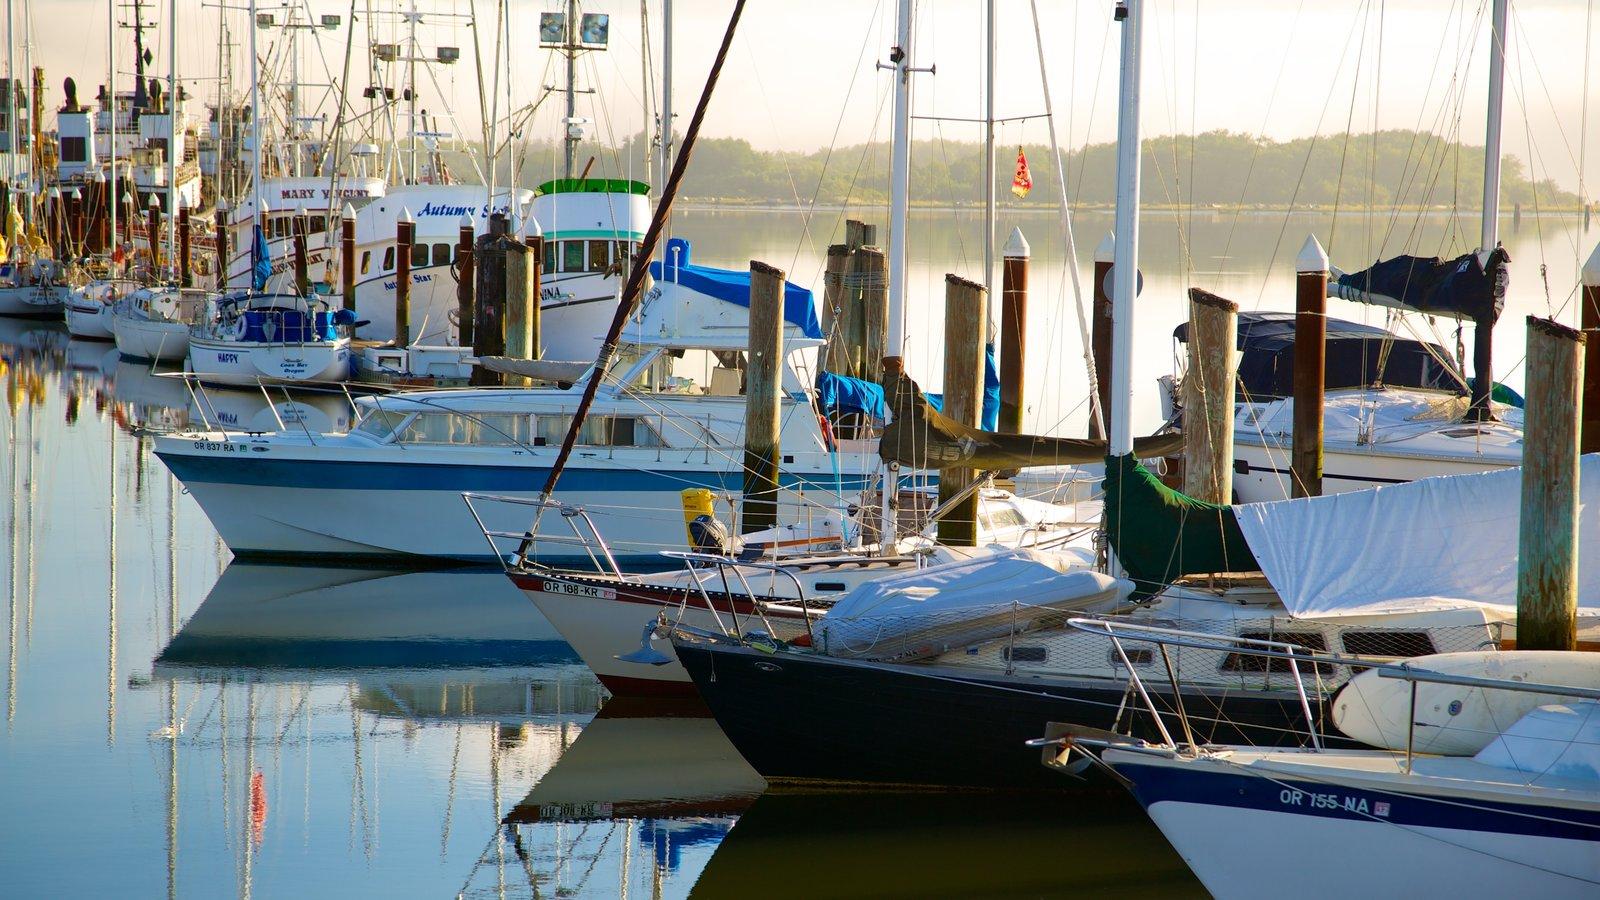 Coos Bay que incluye una marina